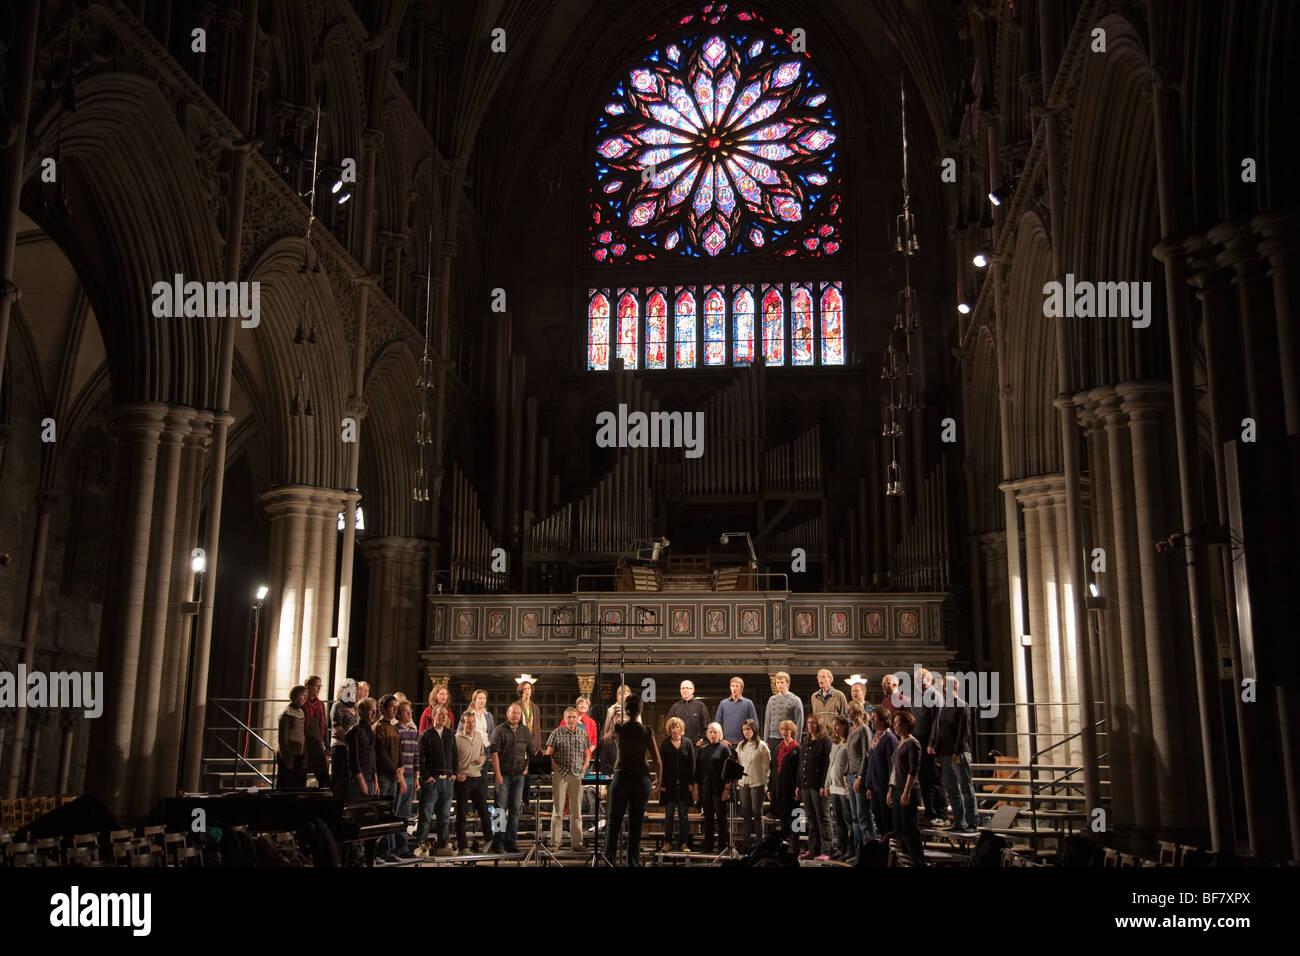 Norway Trondheim Nidaros cathedral interior church choir - Stock Image